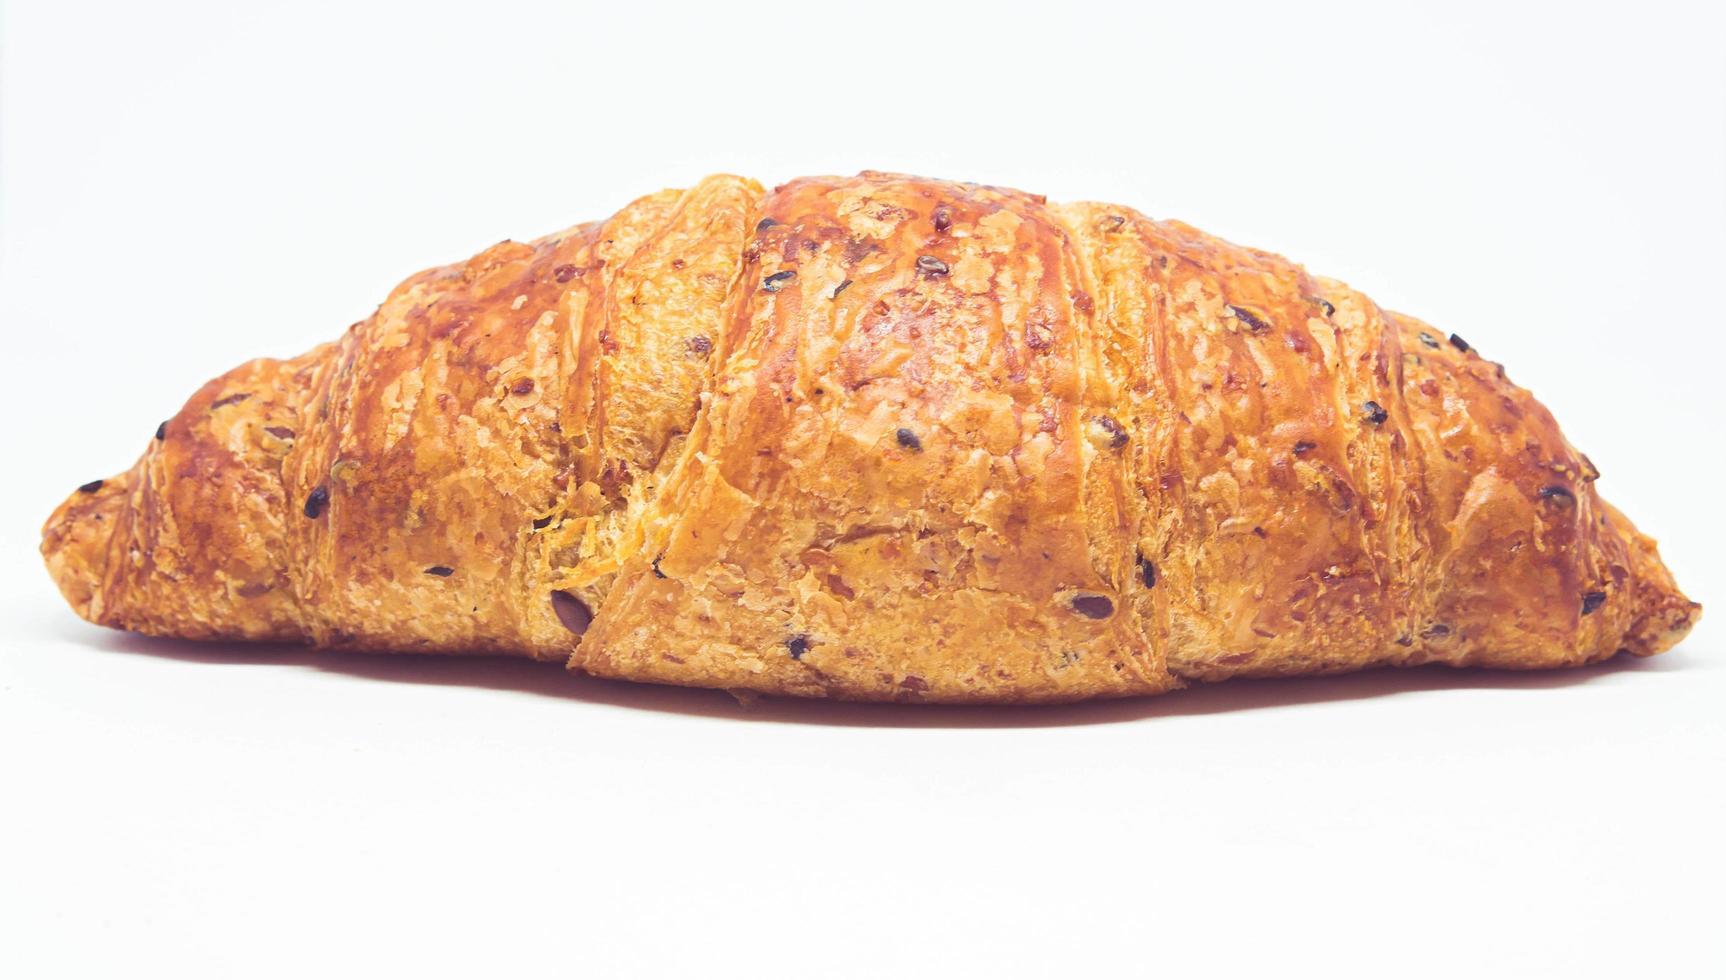 croissant brood, Frankrijk croissant geïsoleerd op een witte achtergrond foto